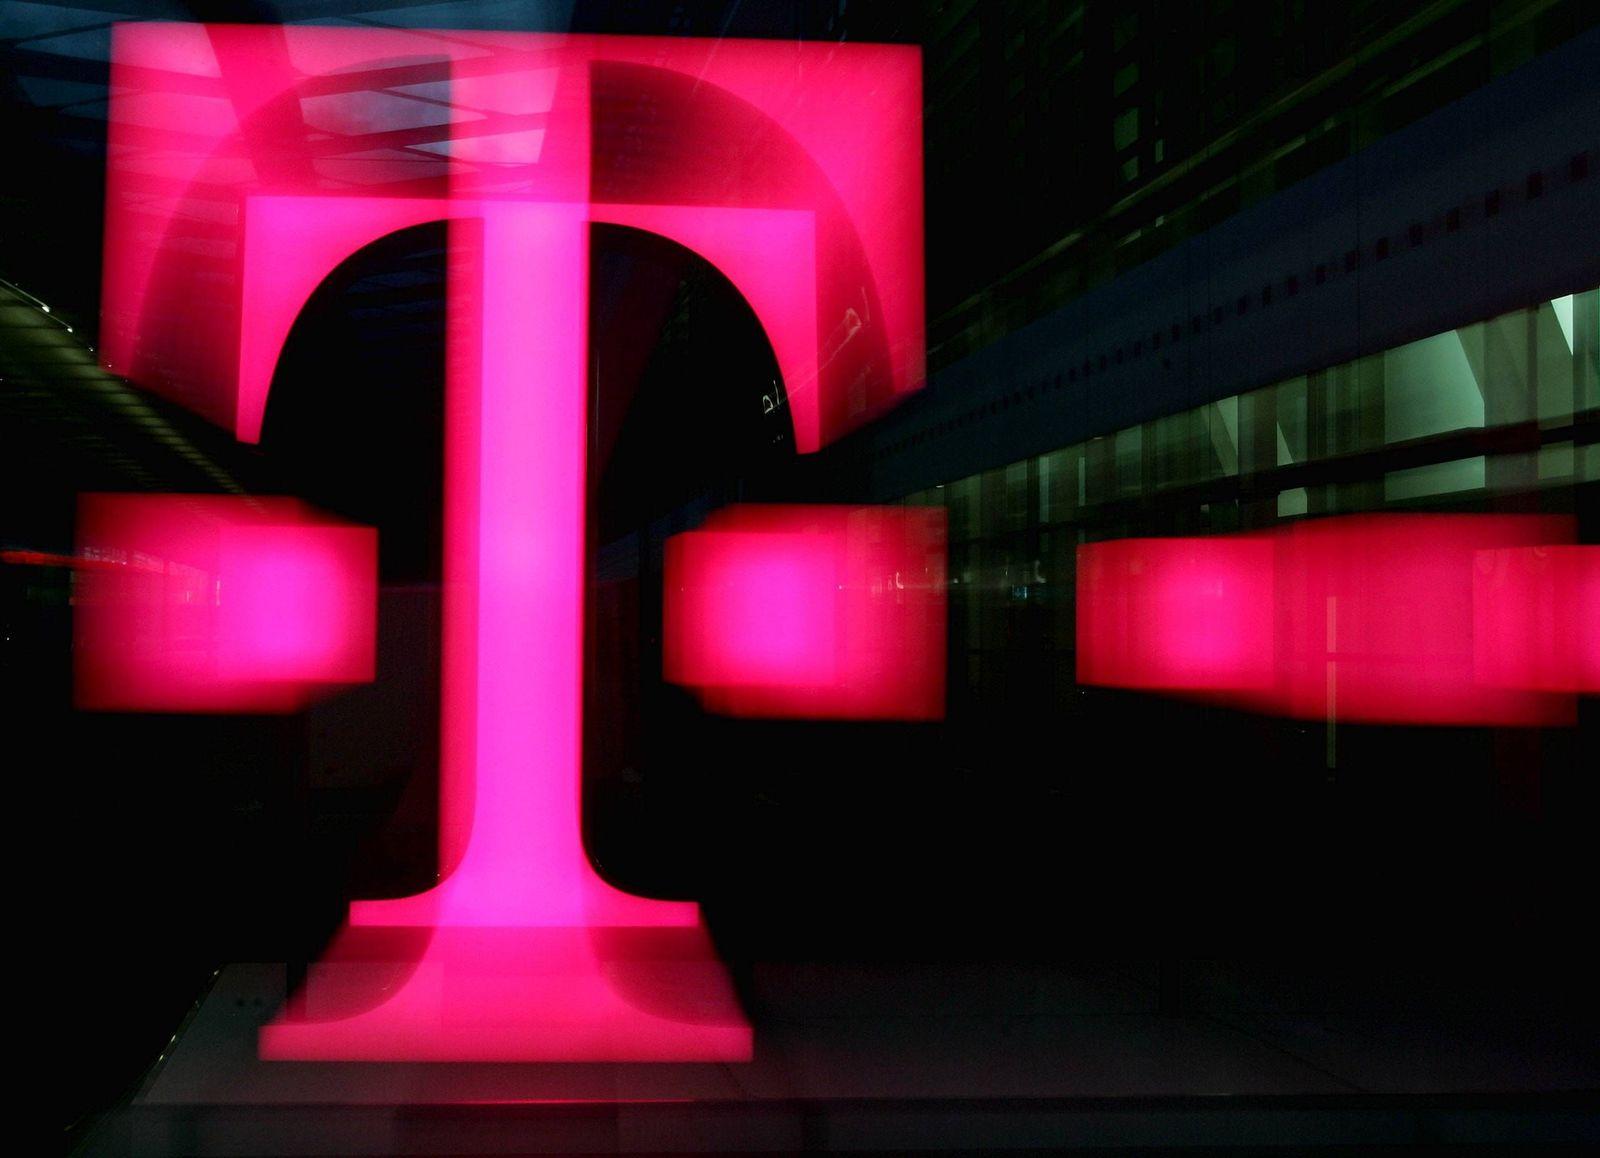 NICHT VERWENDEN Deutsche Telekom will mit T-Mobile in USA weiter wachsen